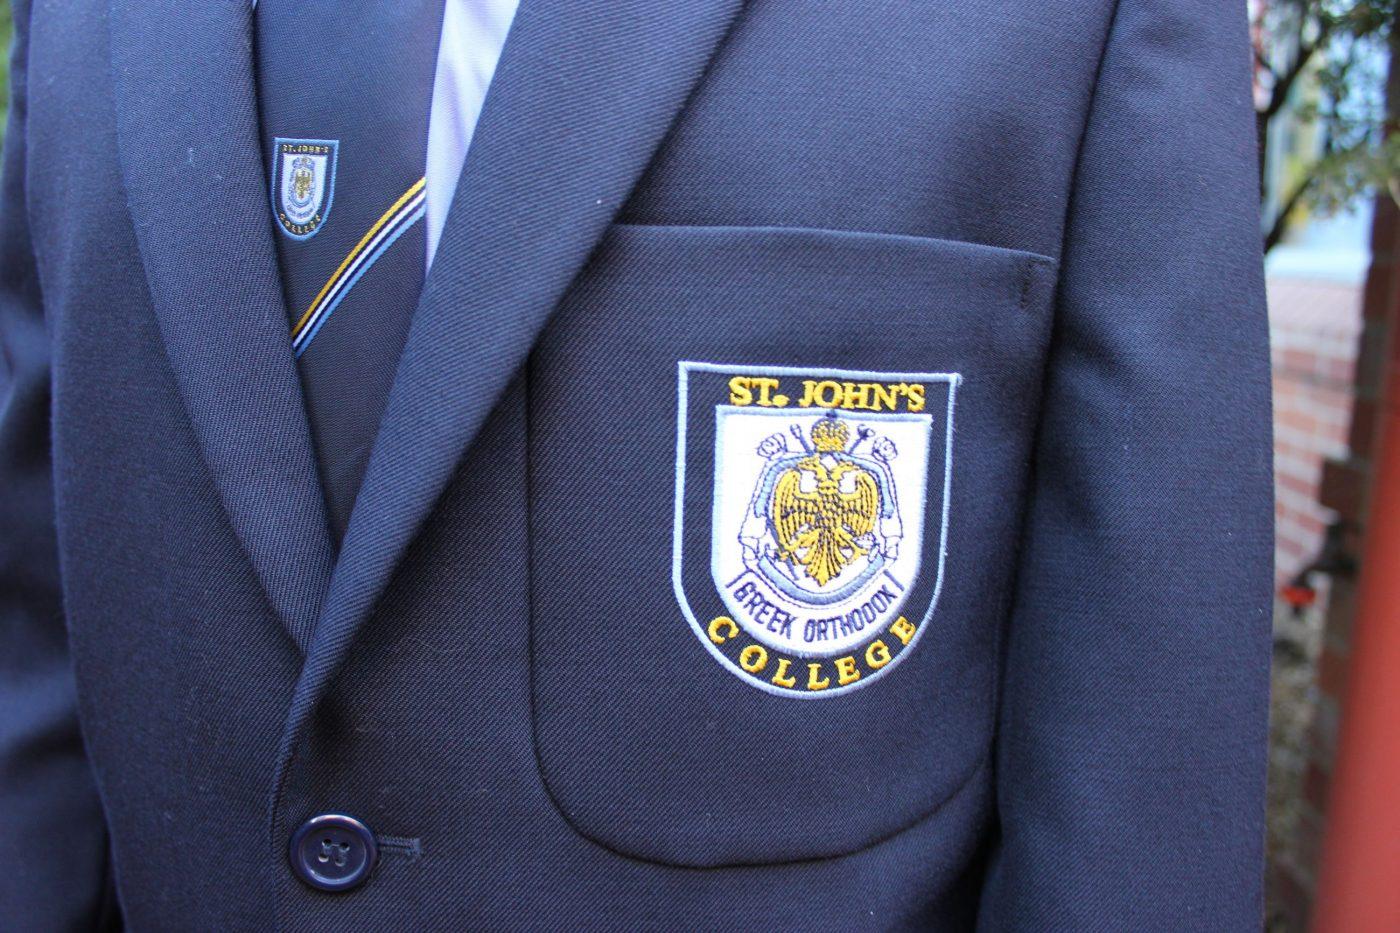 Uniform - 1